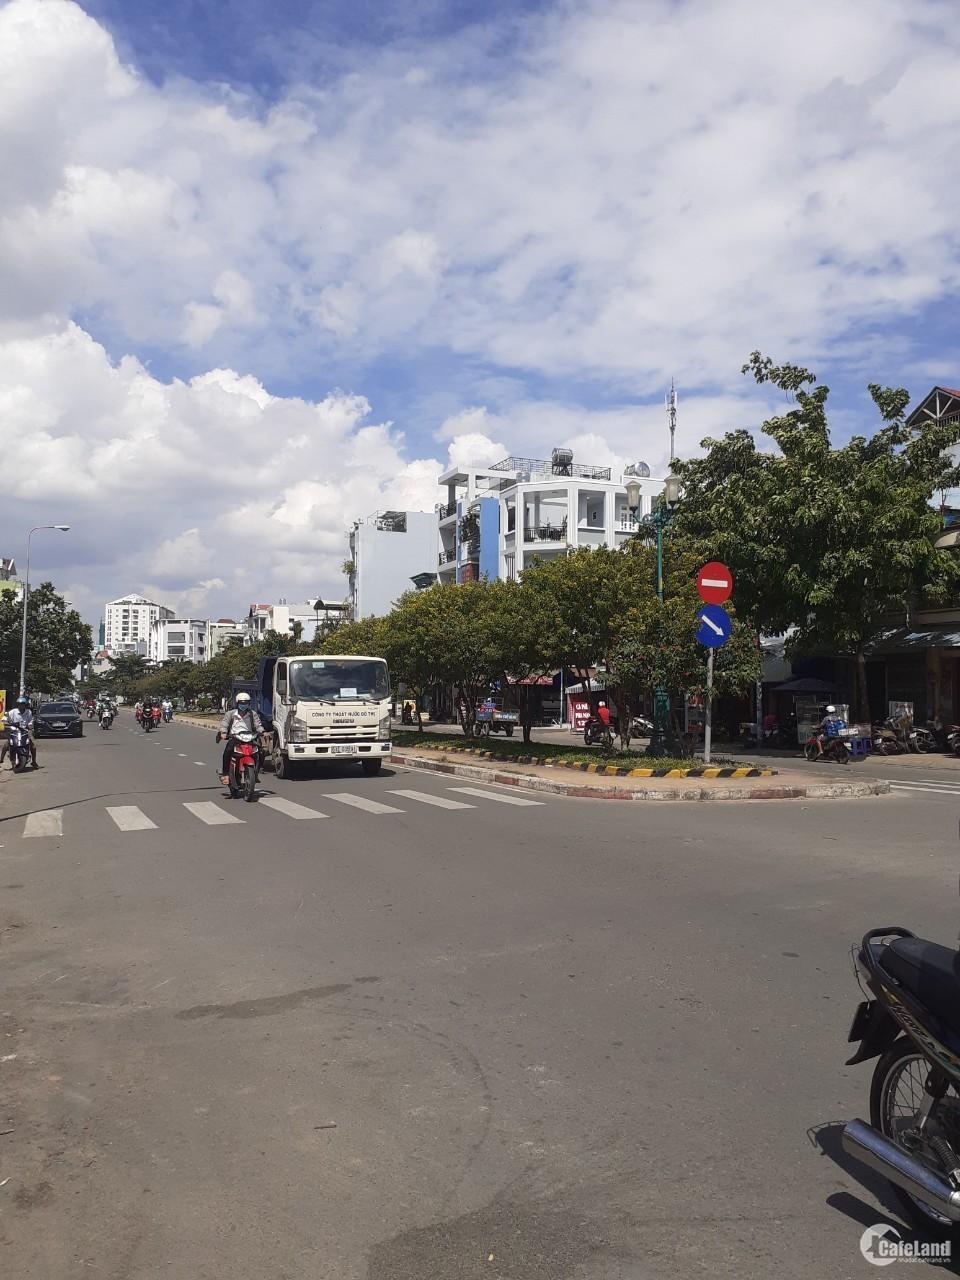 Bán nhà MTKD  Lê Thúc Hoạch Q,Tân Phú  DT 4x17m  nhà cấp 4  vị trí đẹp